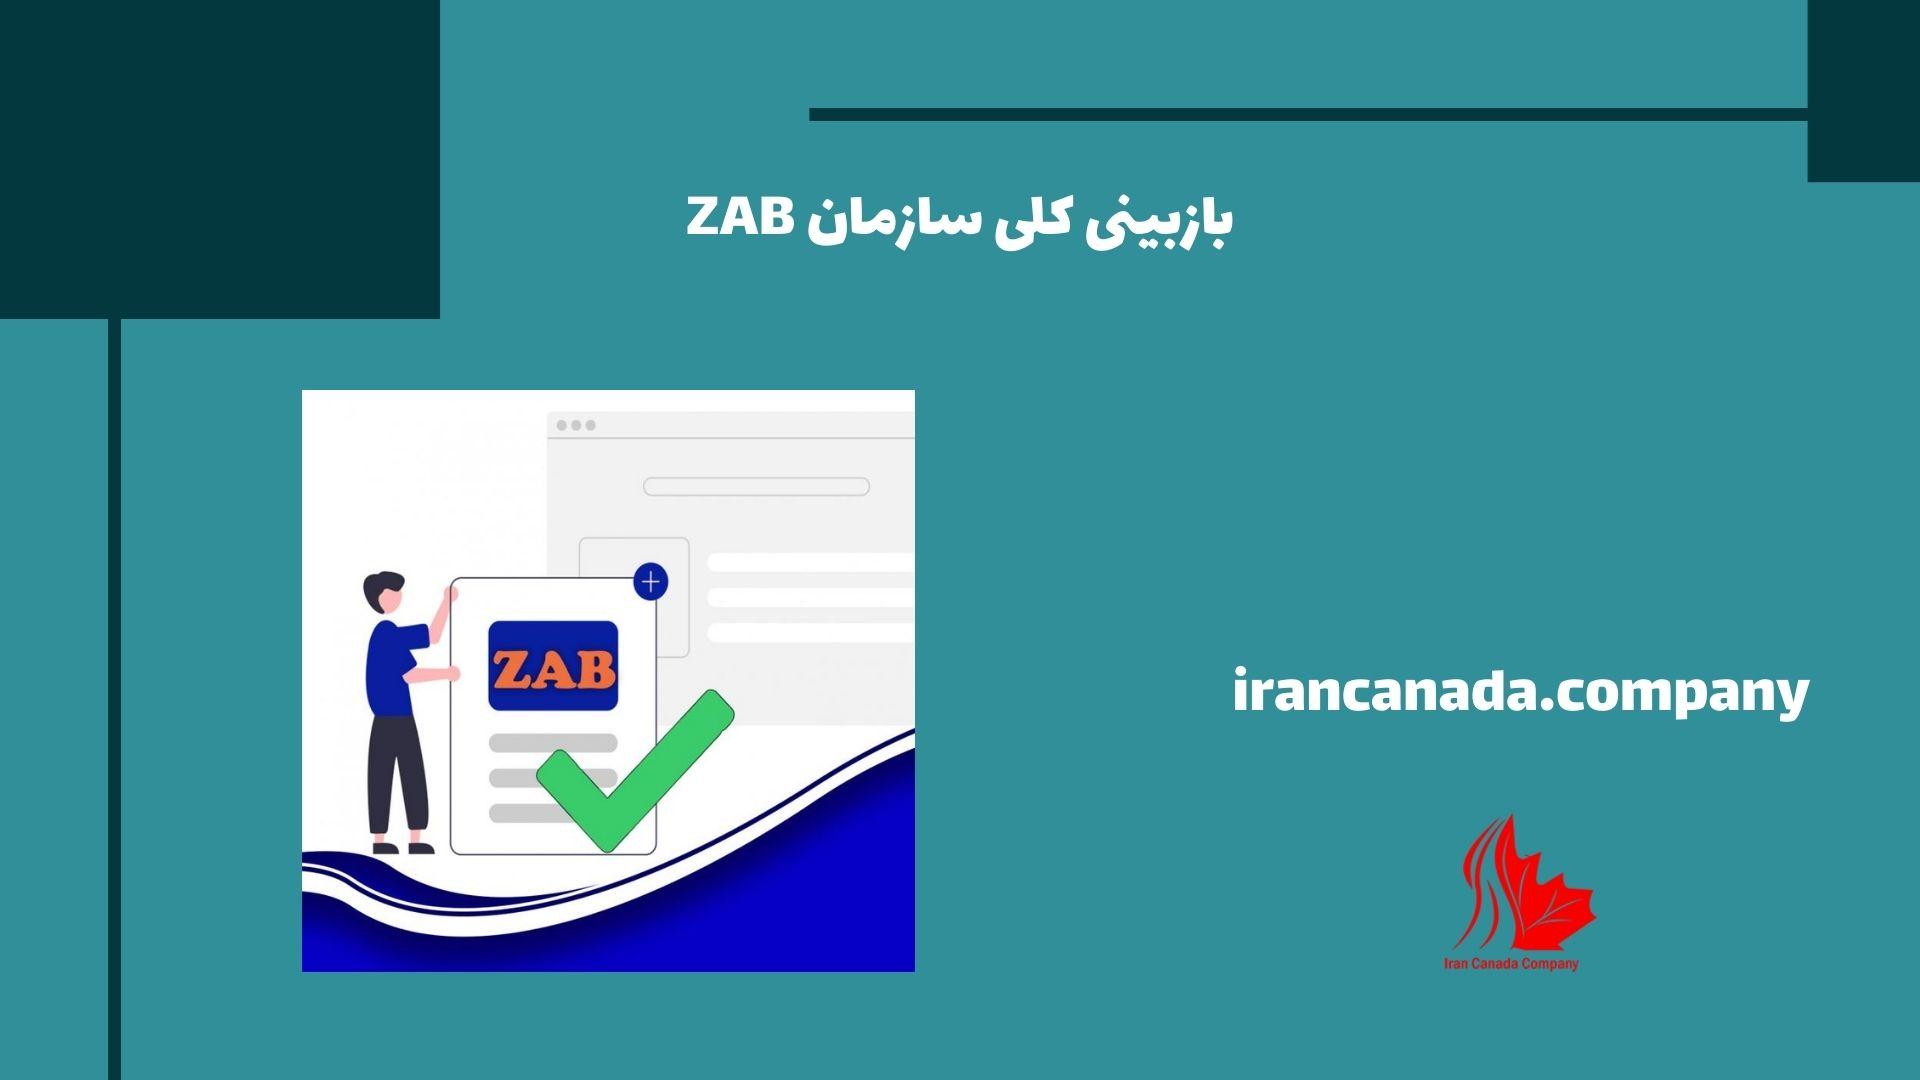 بازبینی کلی سازمان ZAB